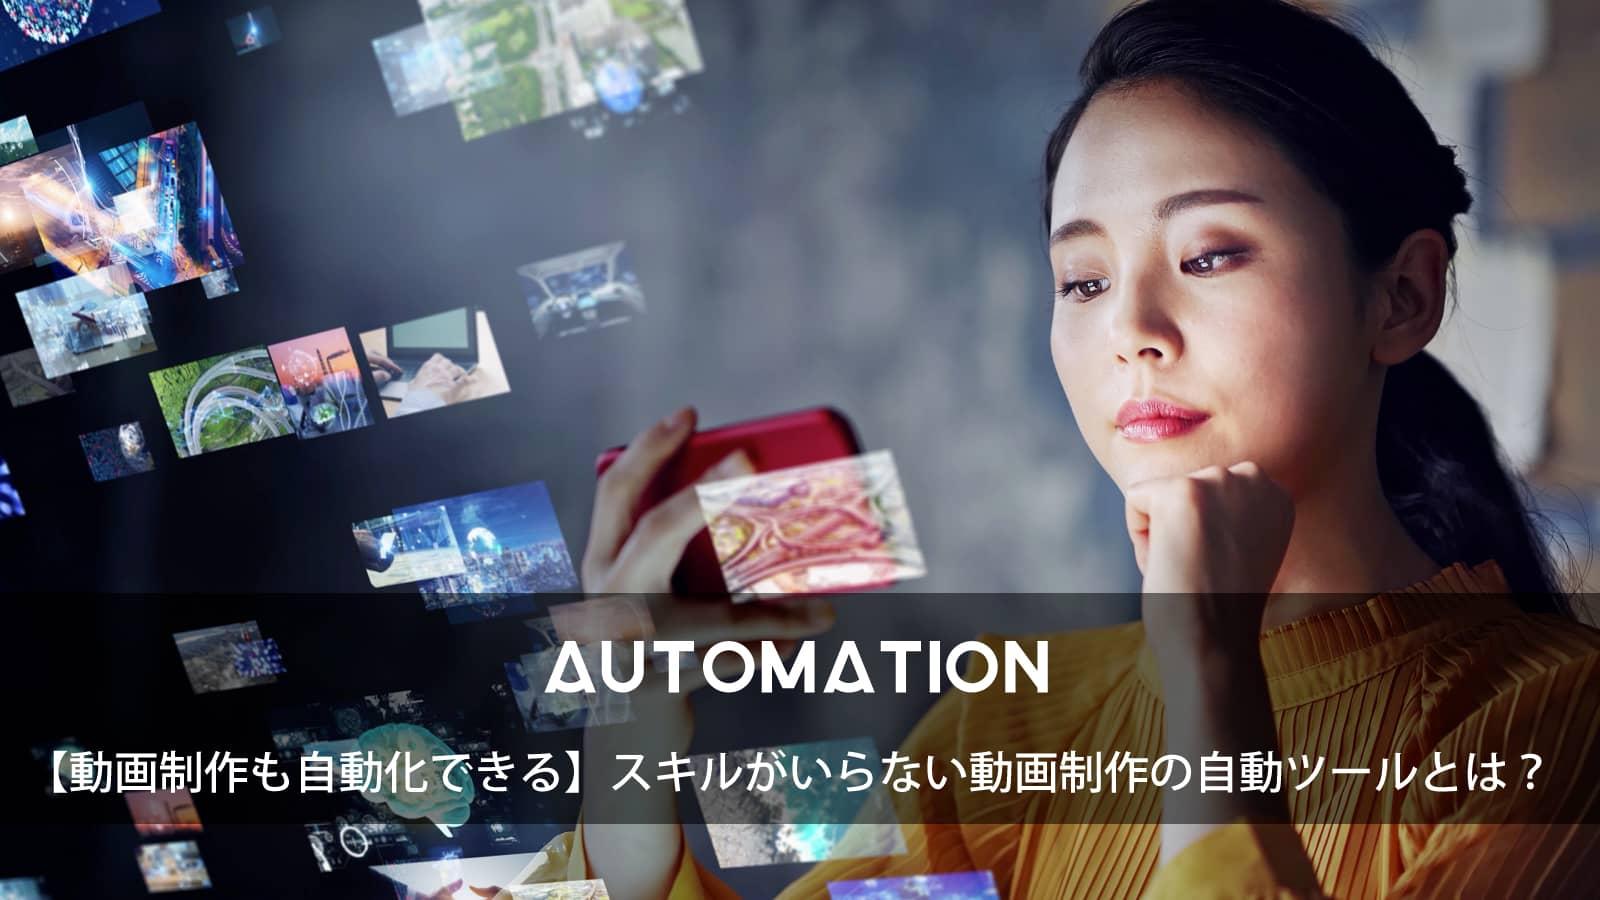 【動画制作も自動化できる】スキルがいらない動画制作の自動ツールとは?